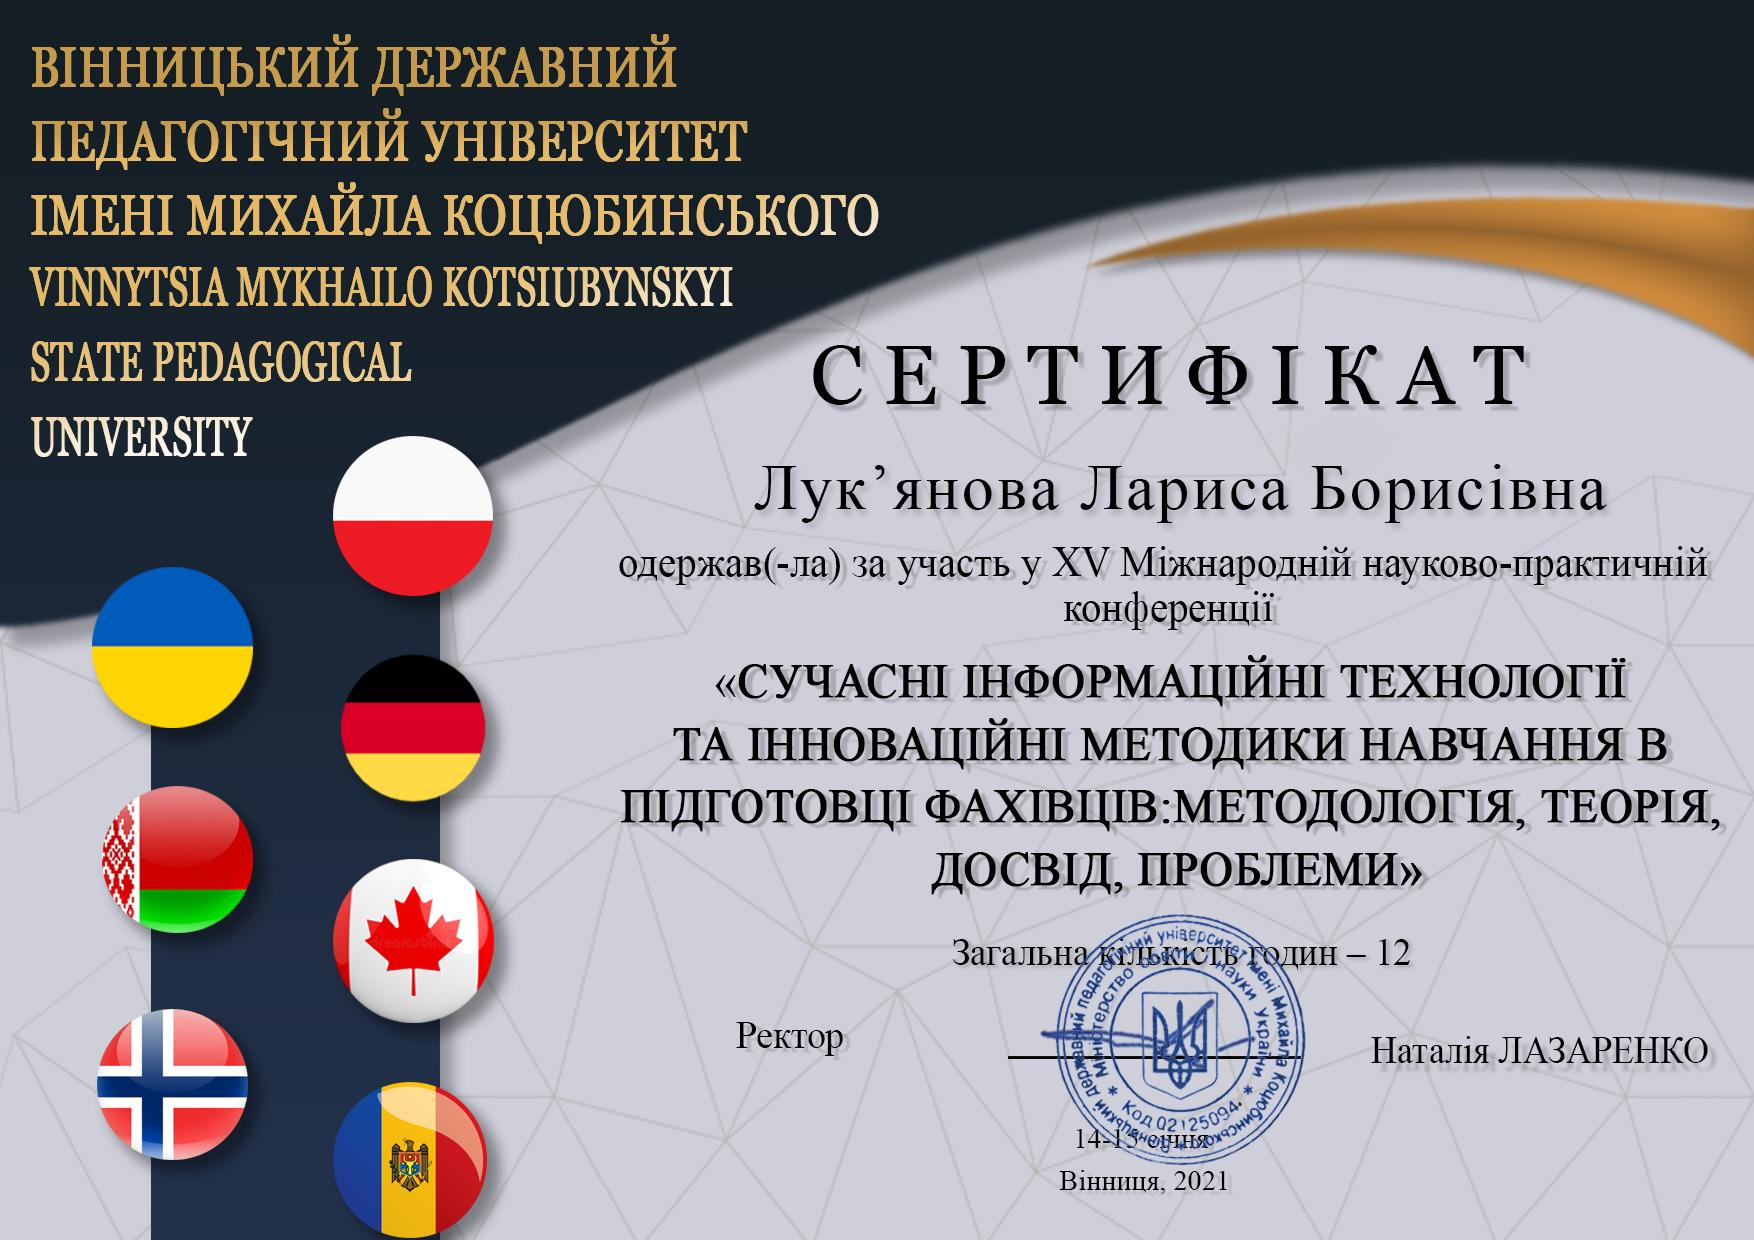 Лук'янова  Лариса Борисівна